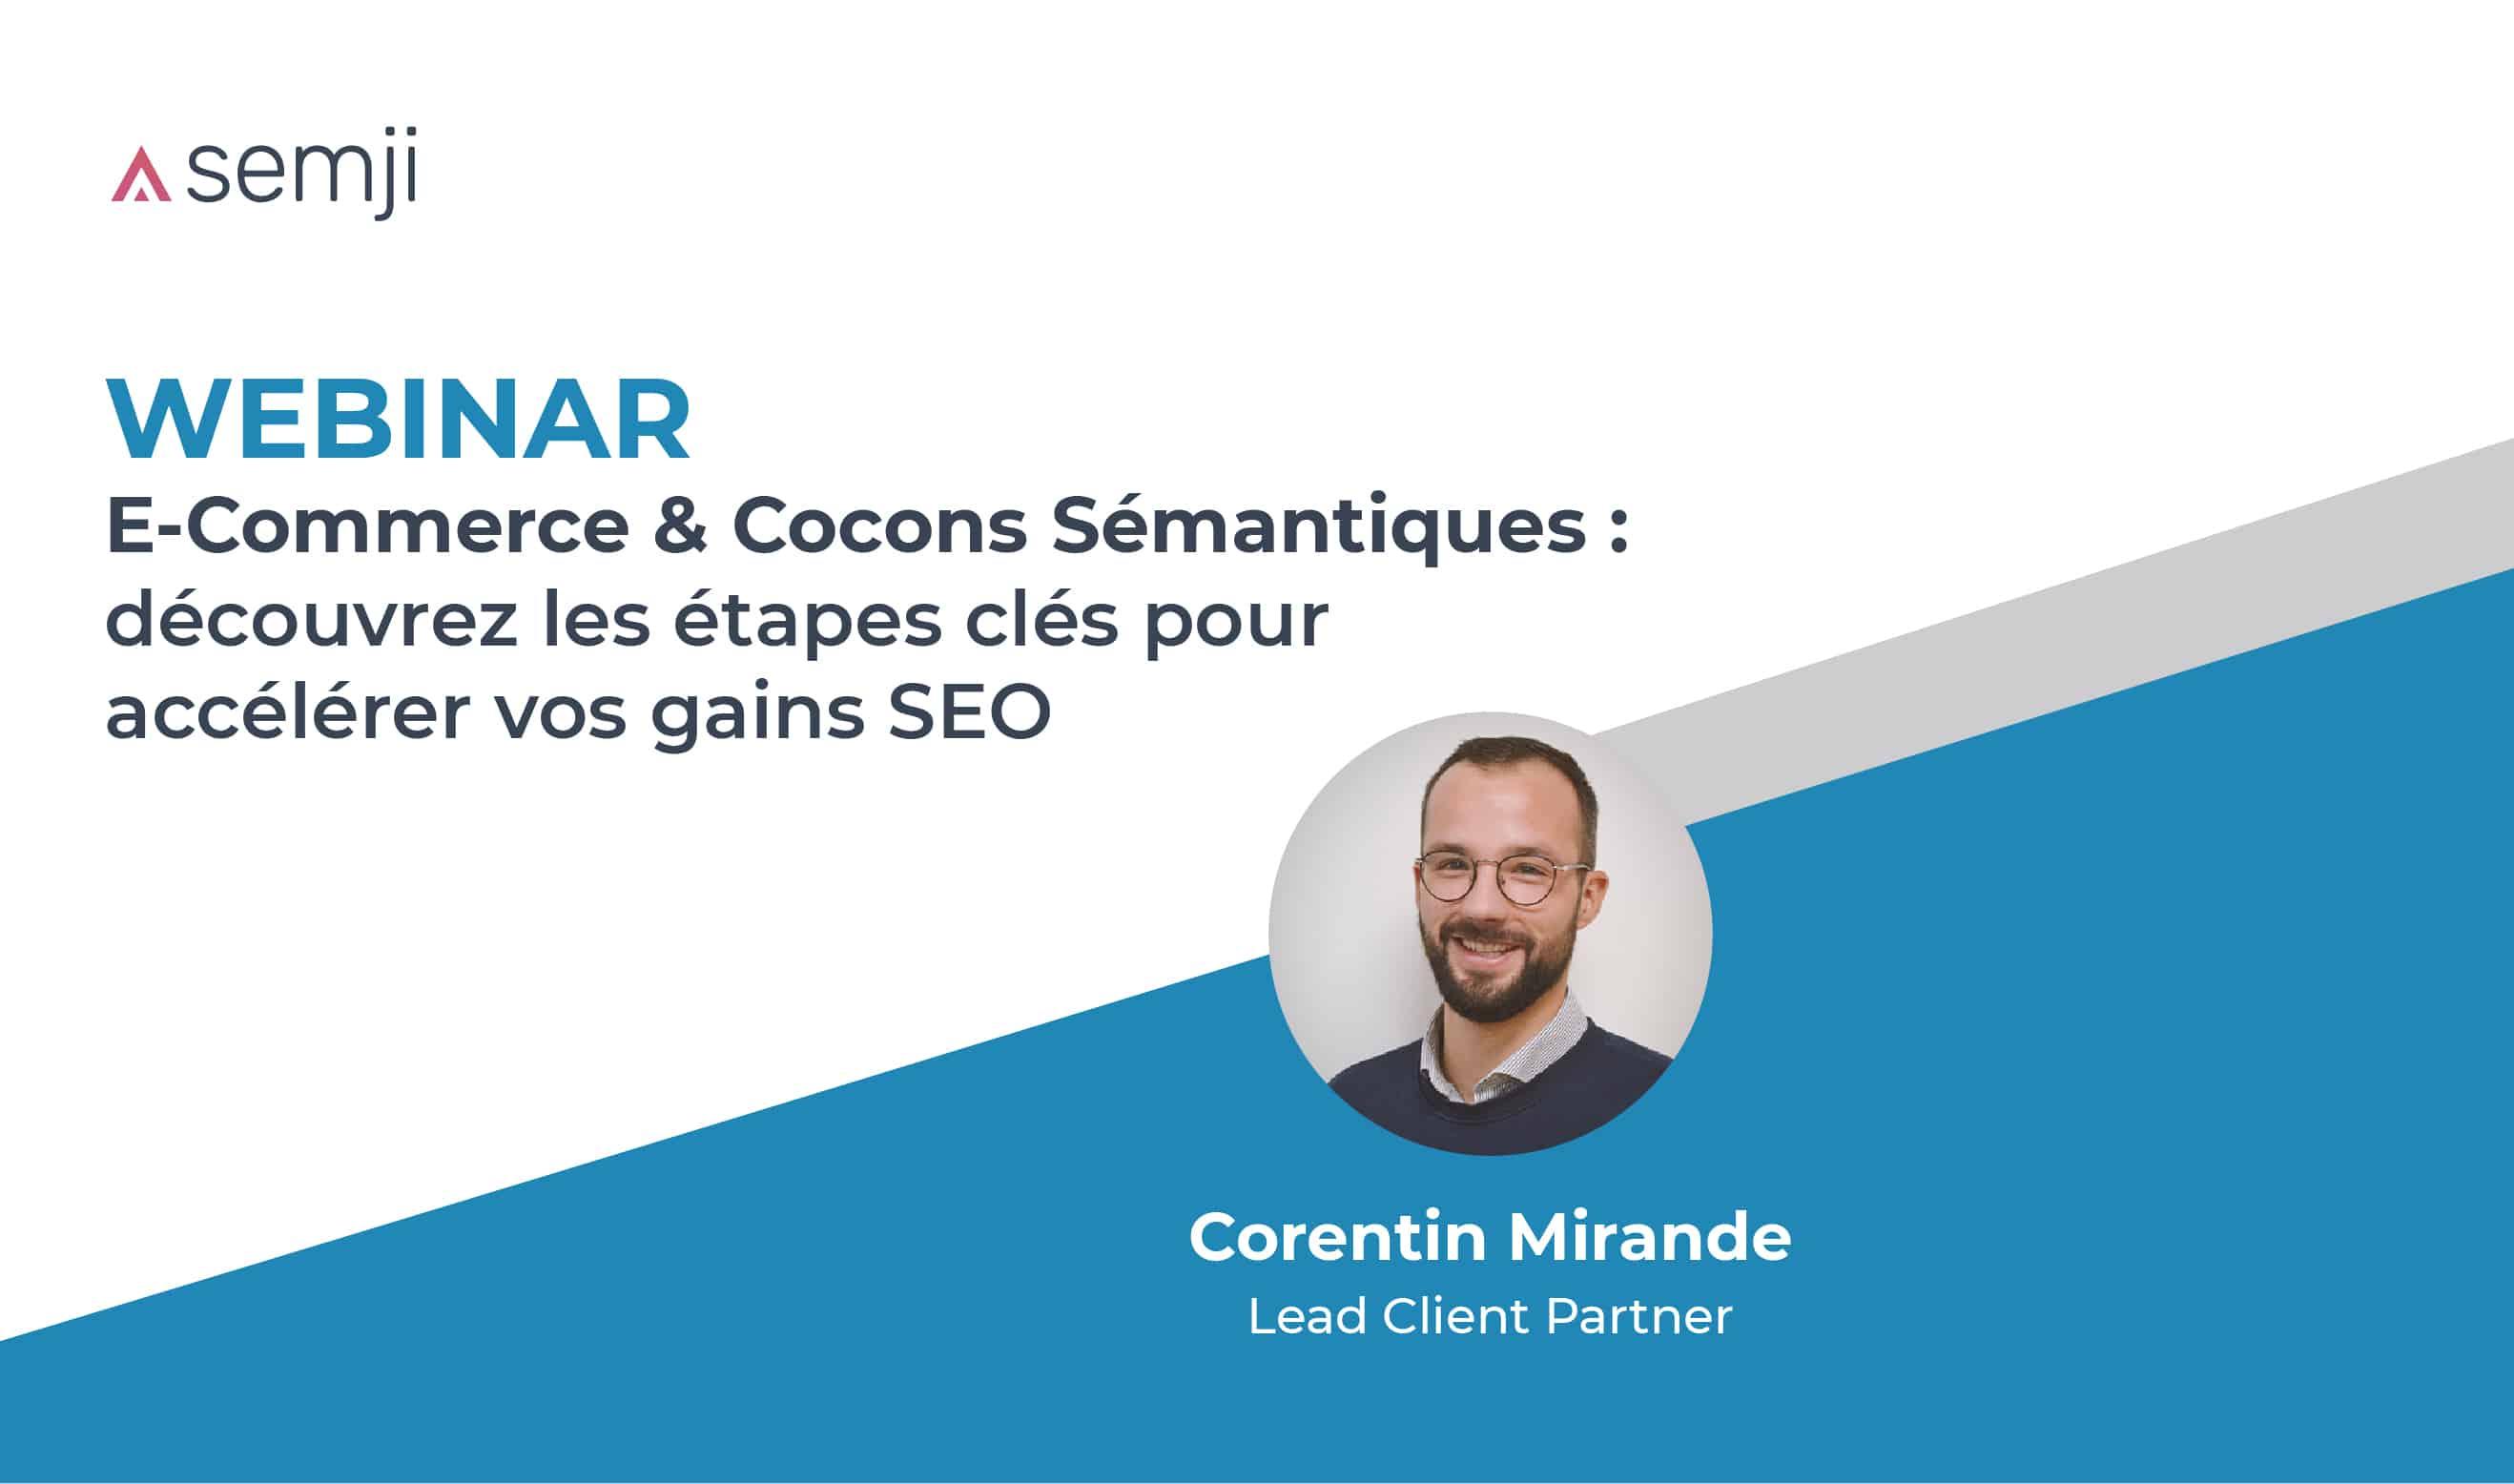 Webinar – E-Commerce & Cocons Sémantiques : découvrez les étapes clés pour accélérer vos gains SEO